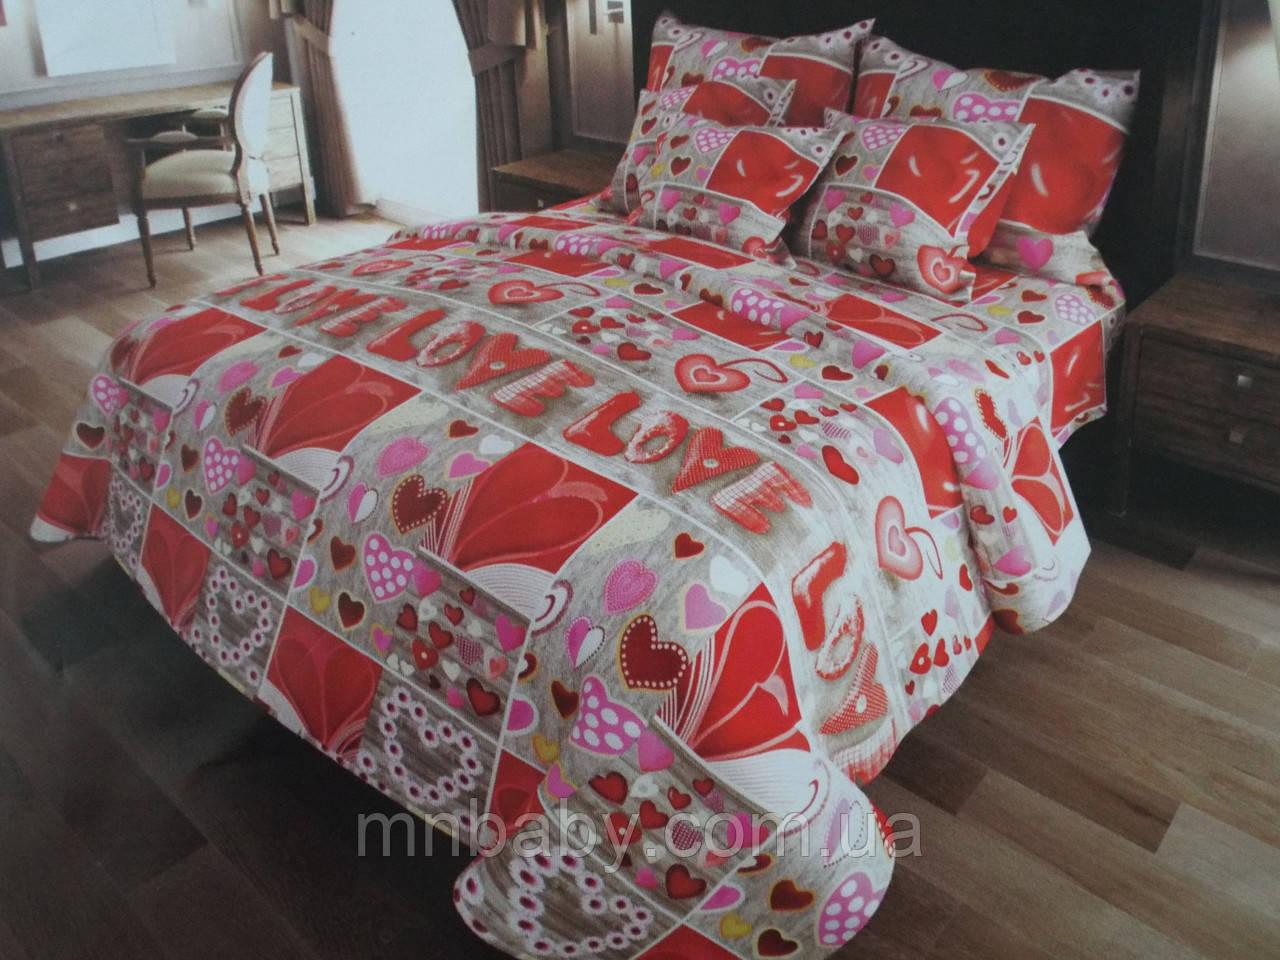 Комплект постельного белья Сердечки